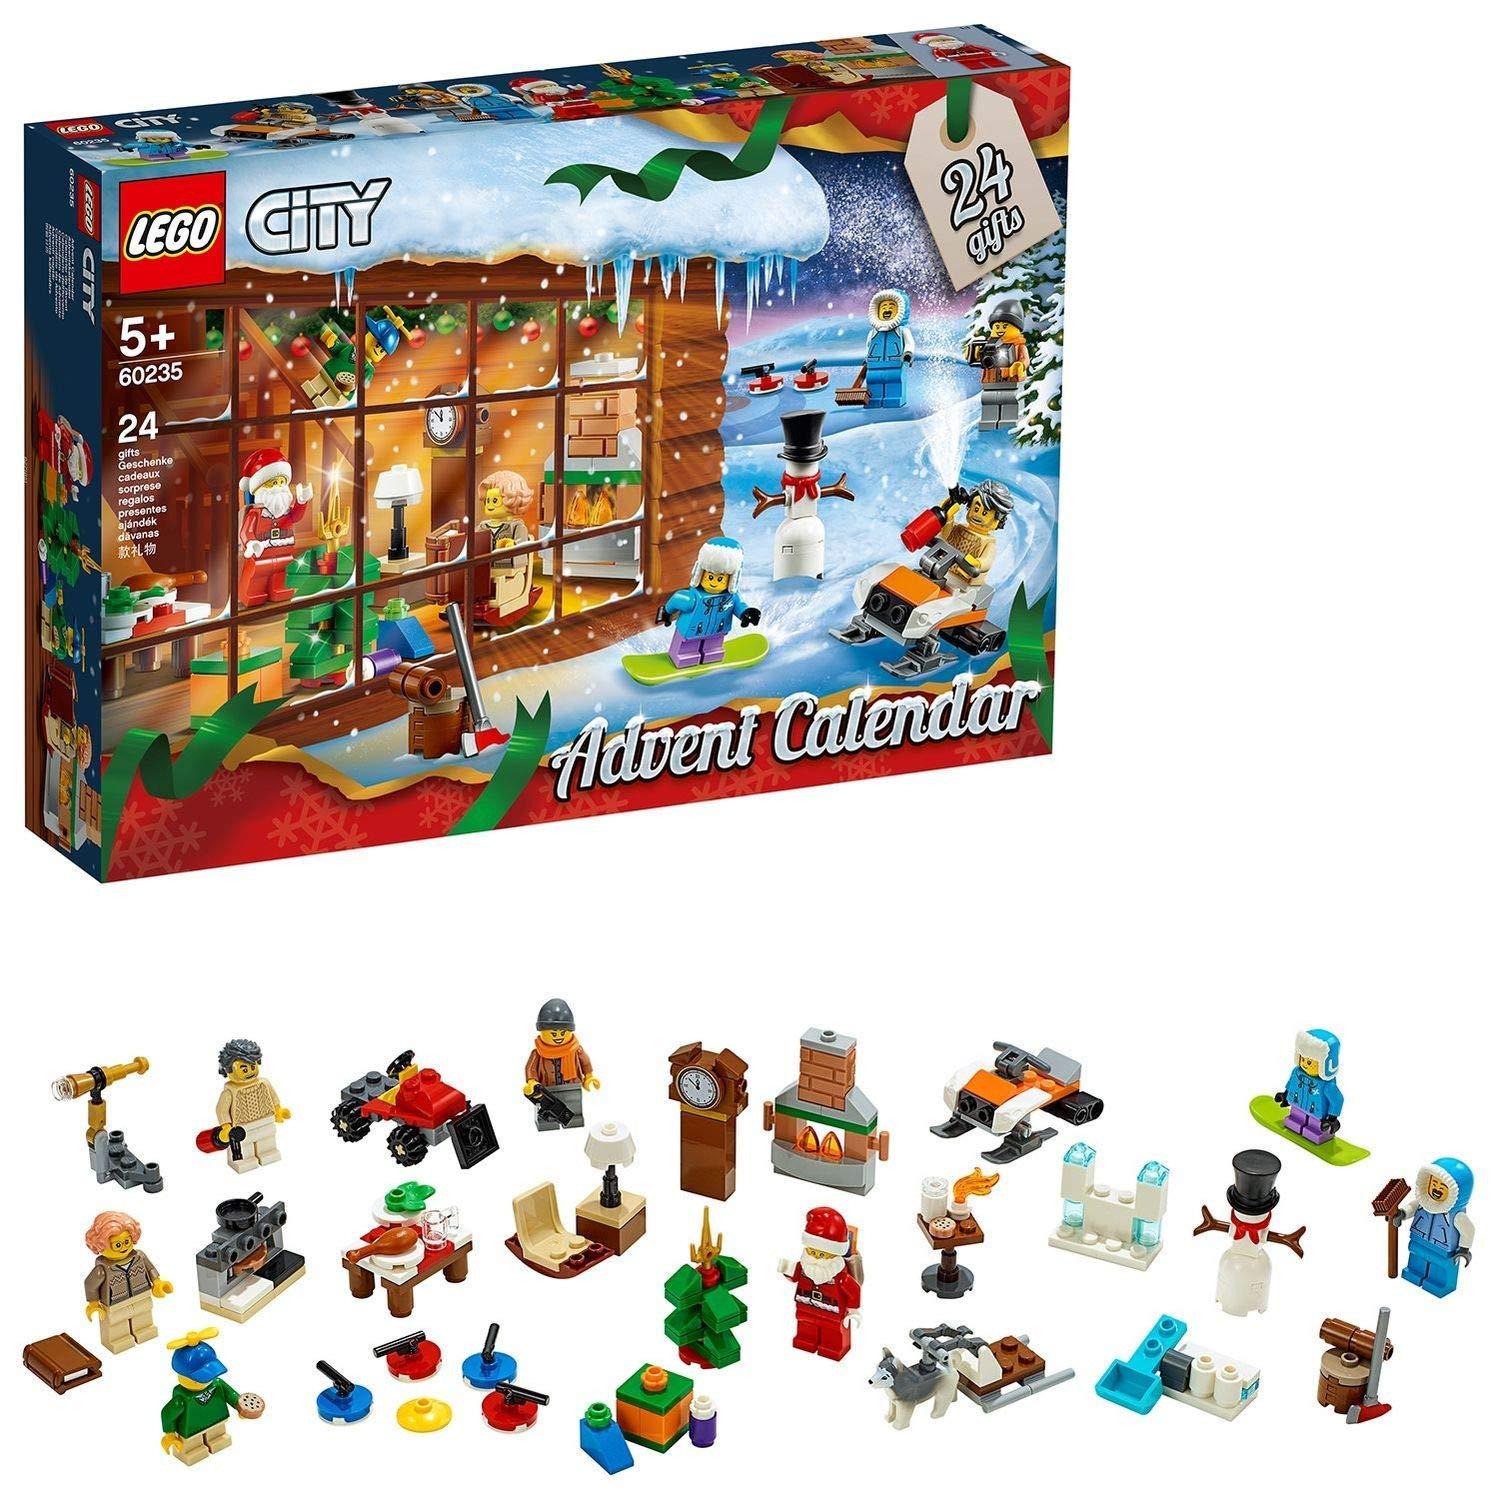 Calendrier De L Avent Lego City 2020.Lego City Le Calendrier De L Avent Lego City 5 Ans Et Plus Jeu De Construction 234 Pieces 60235